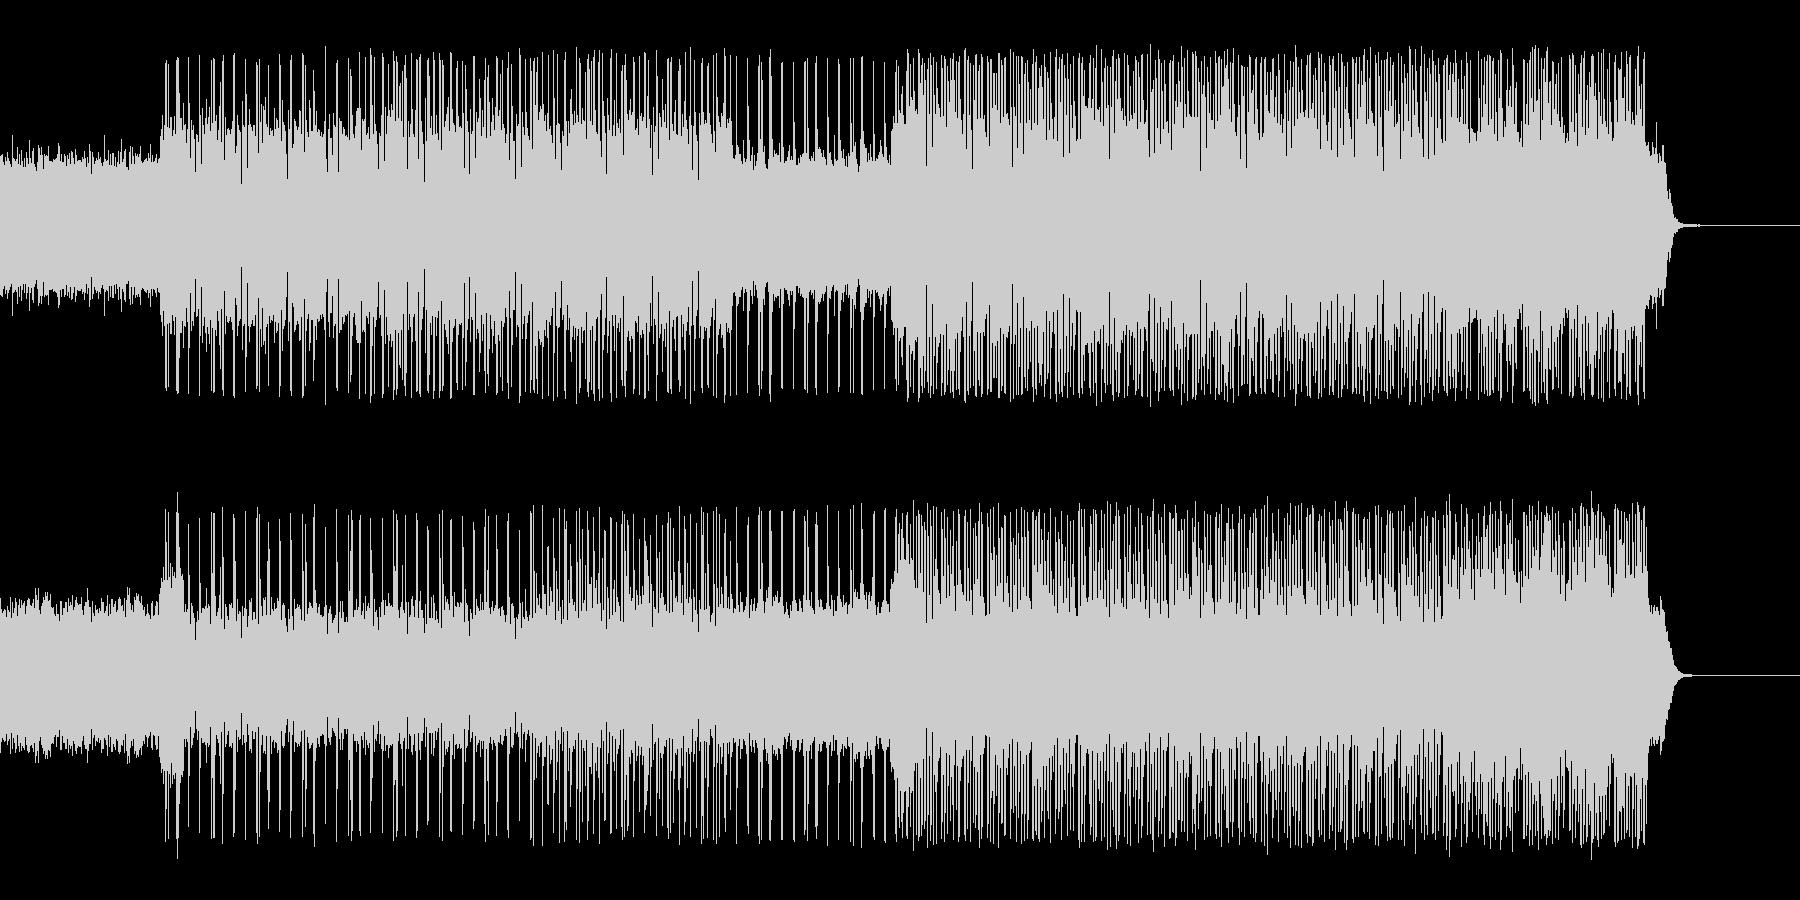 ロックなコードカッティングギターの未再生の波形